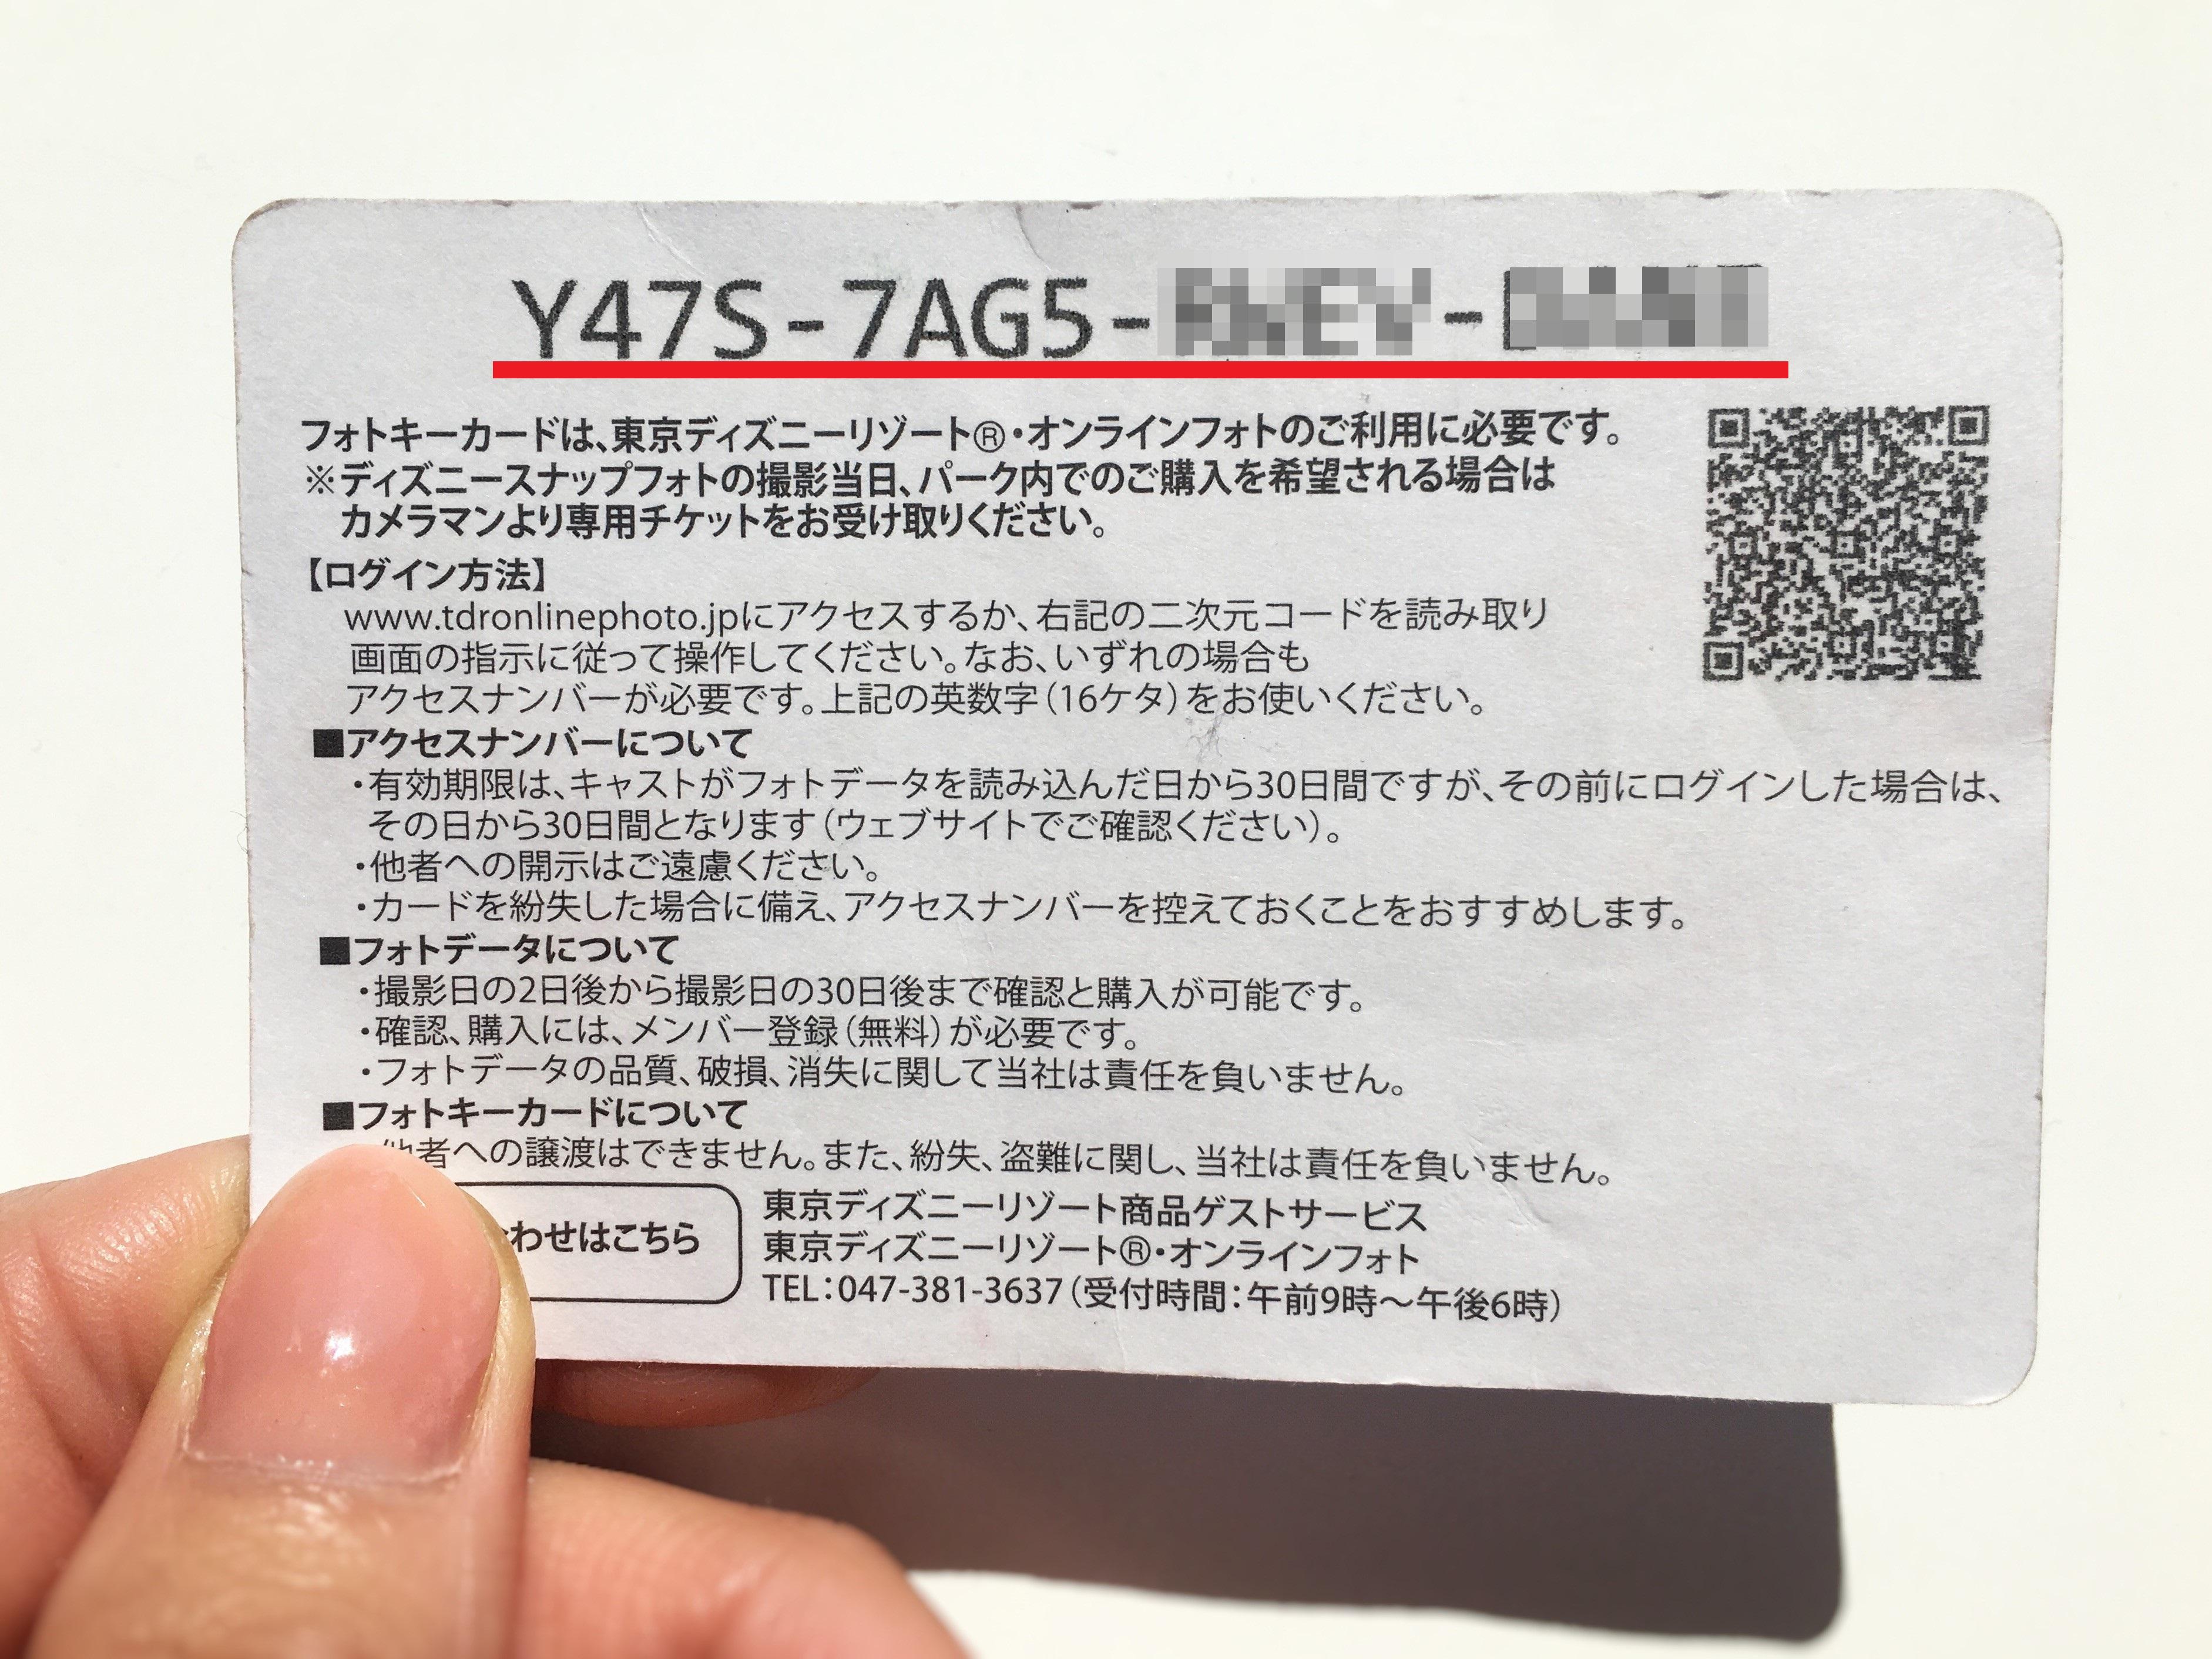 東京ディズニーランド・オンラインフォト